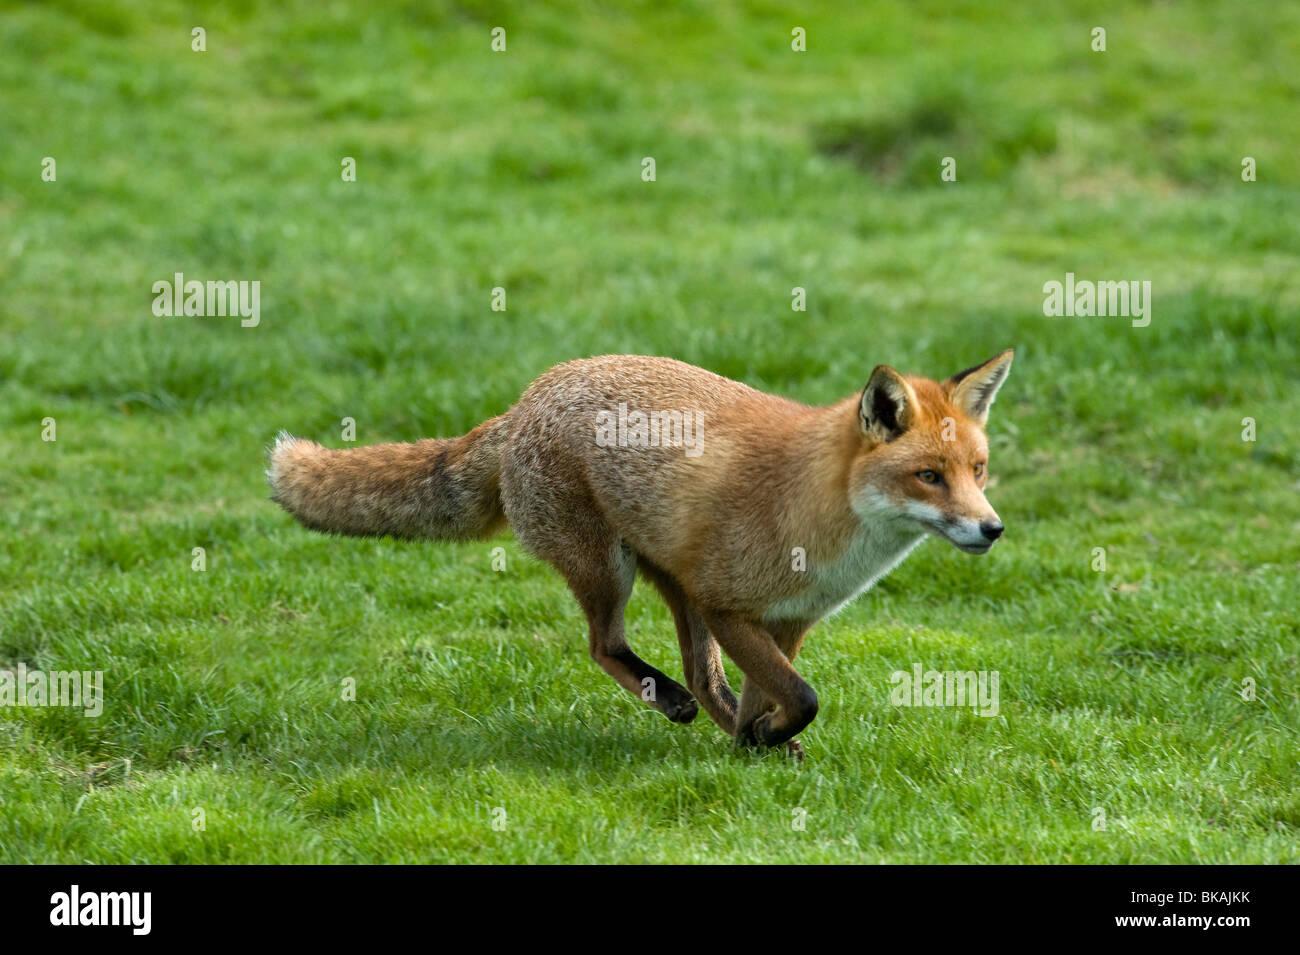 Red fox, Vulpes vulpes, running - Stock Image